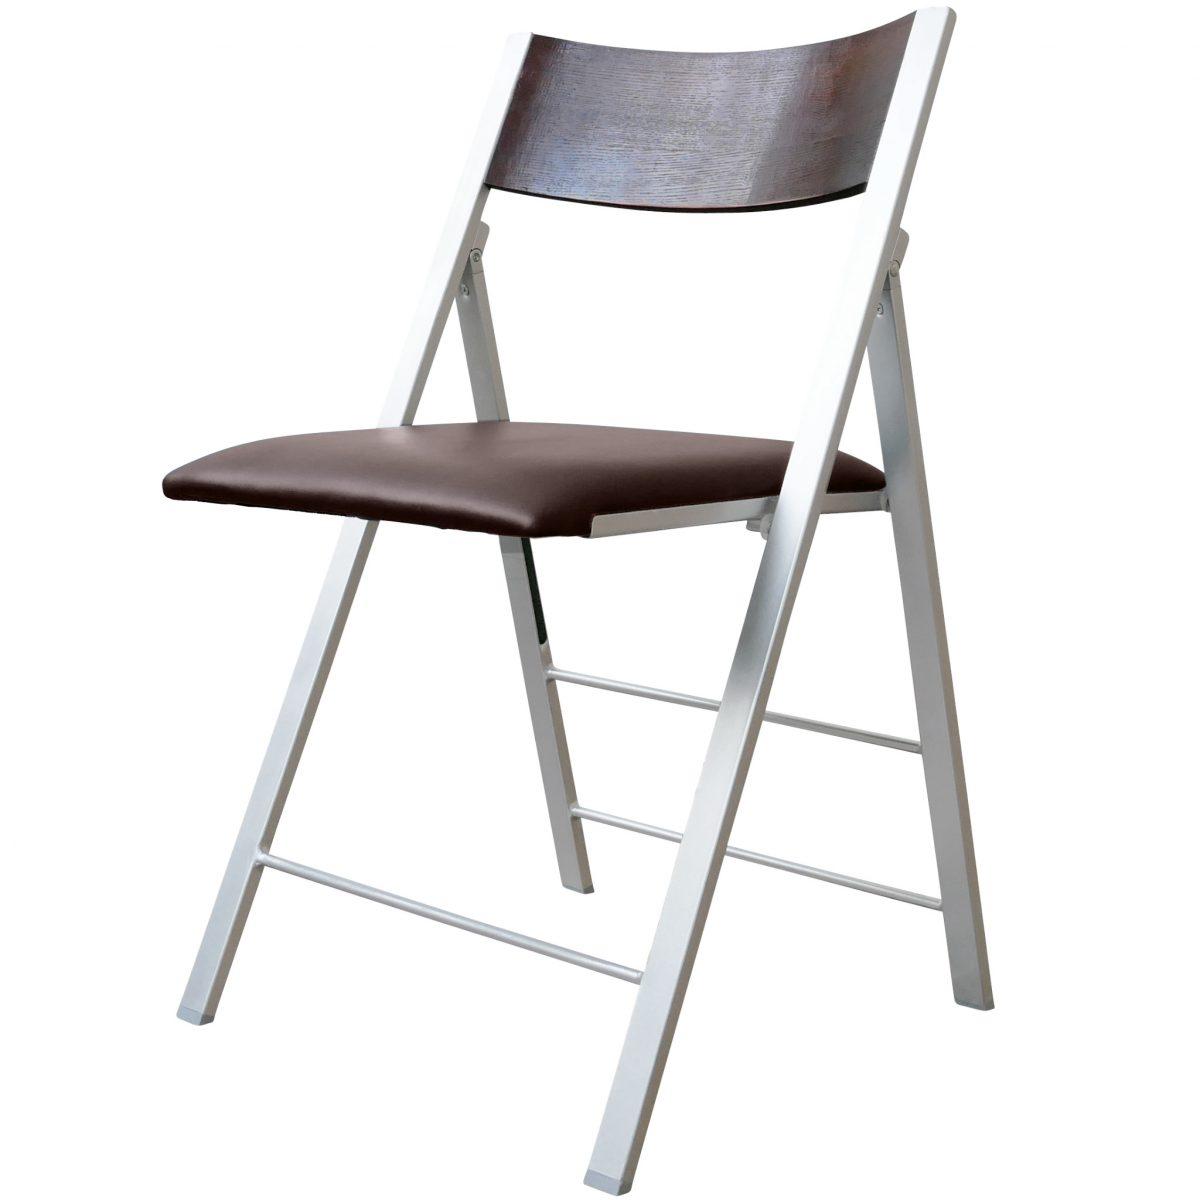 Nano Stylish Folding Chair Set Of 4